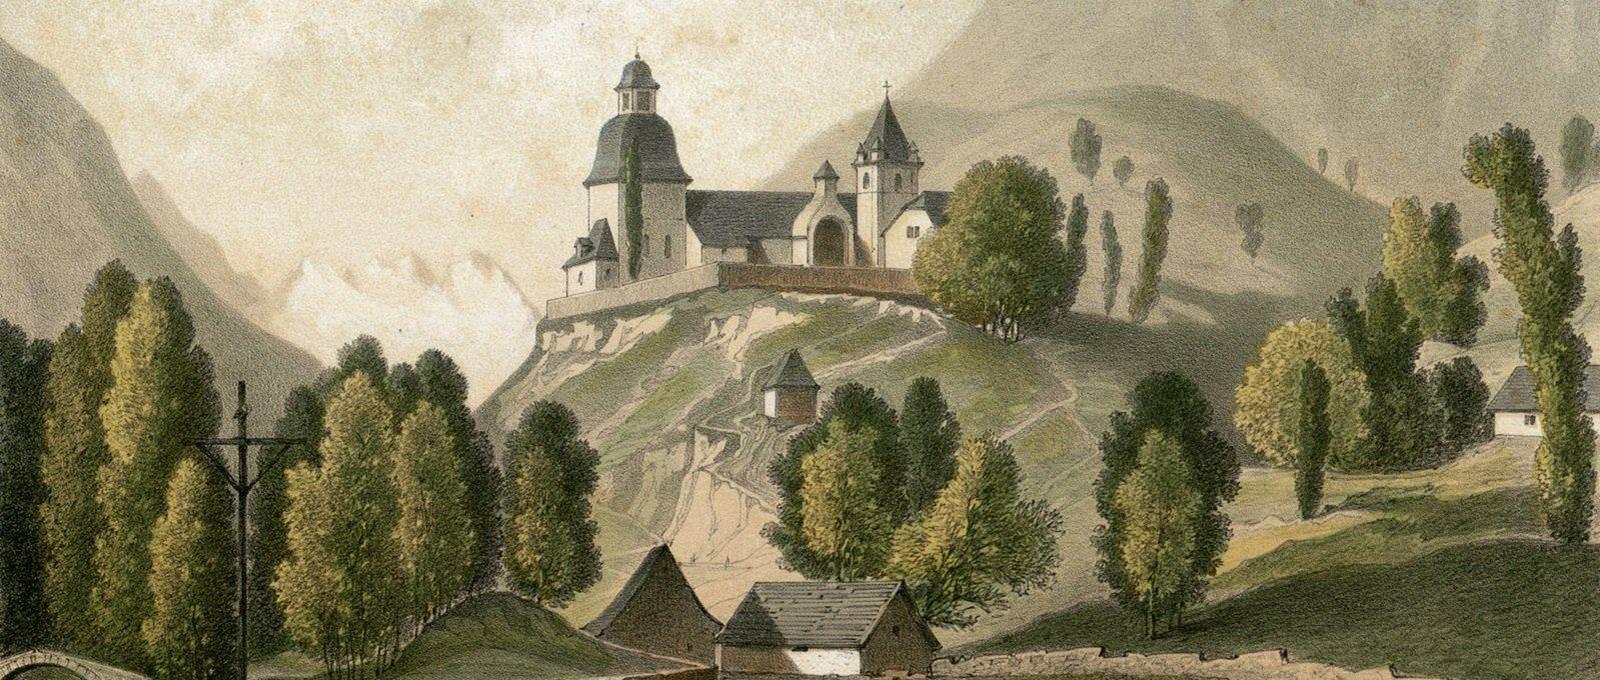 Pouey_Laun - Doussault, 1835